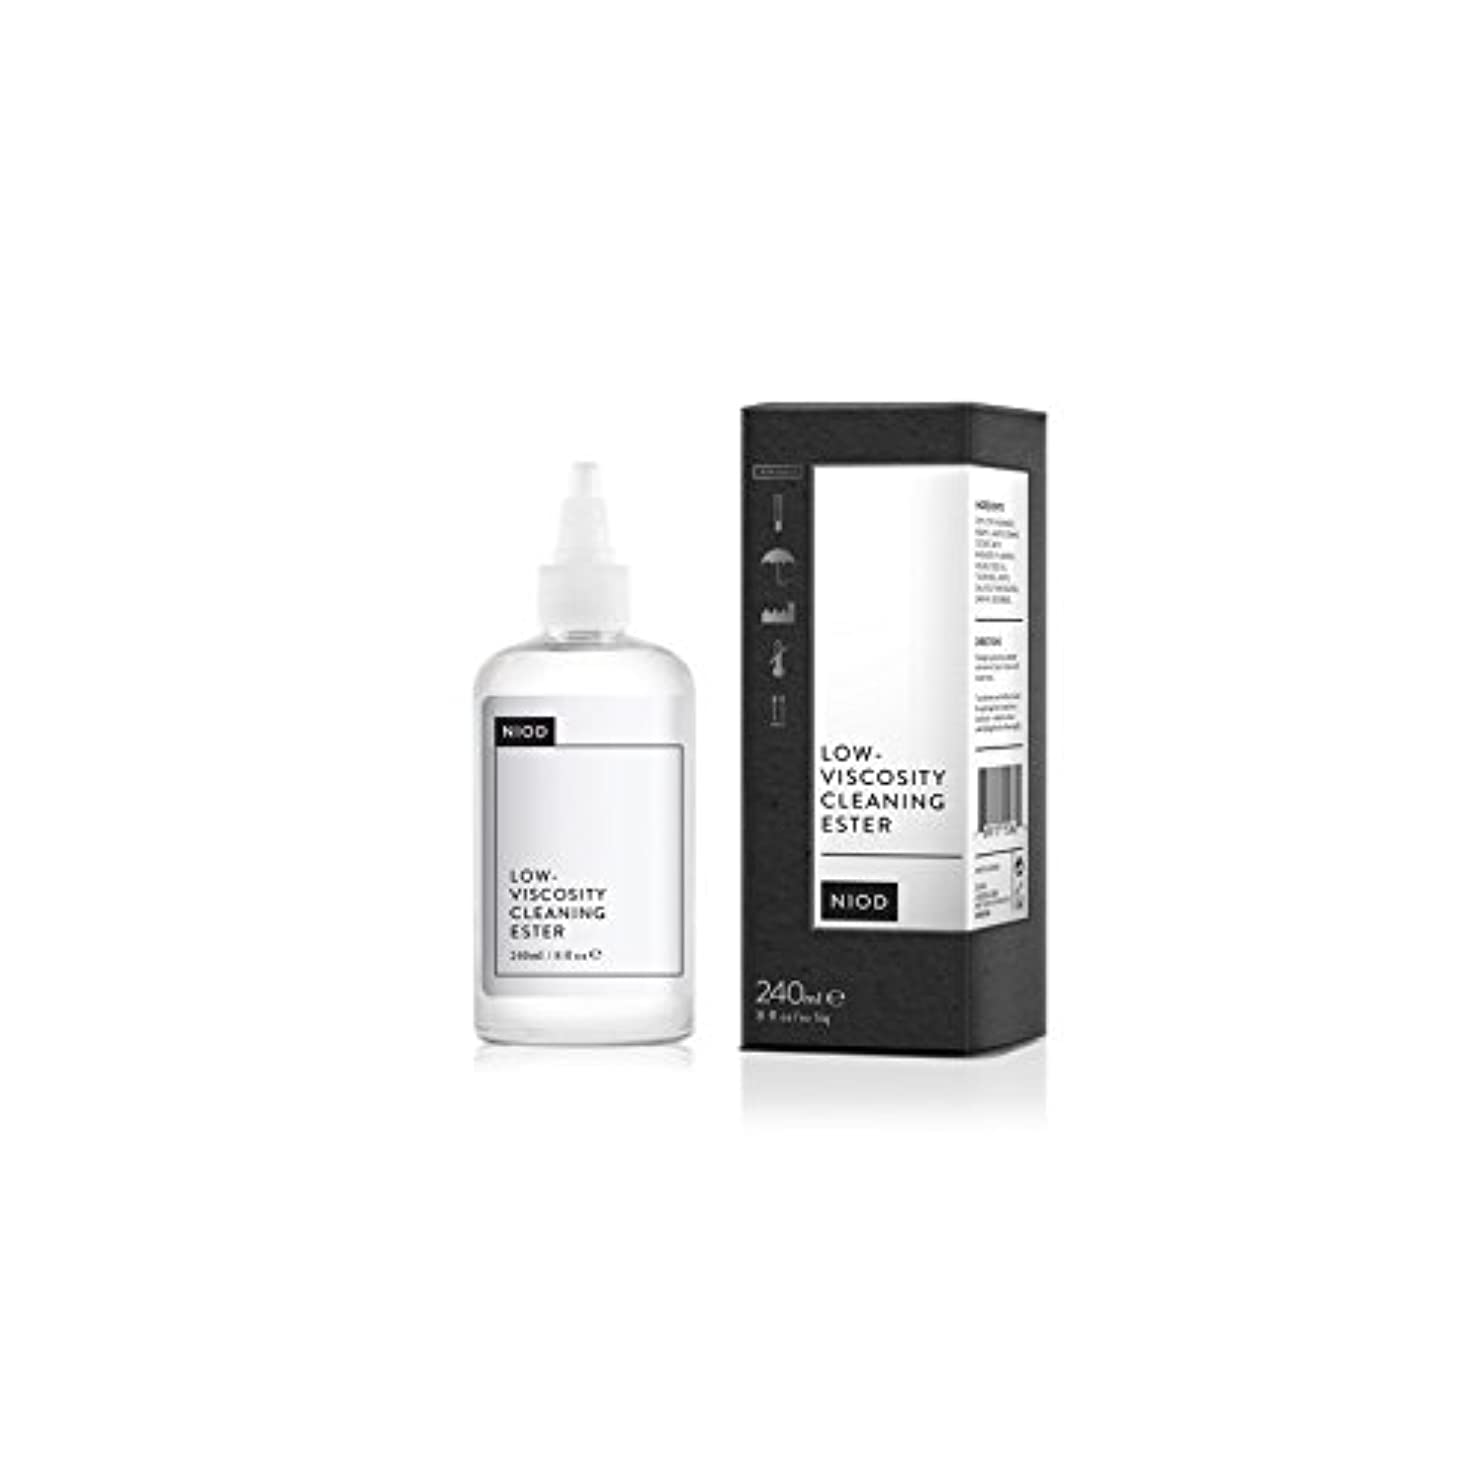 敷居貞降伏低粘度のクリーニングエステル(240ミリリットル) x4 - Niod Low-Viscosity Cleaning Ester (240ml) (Pack of 4) [並行輸入品]